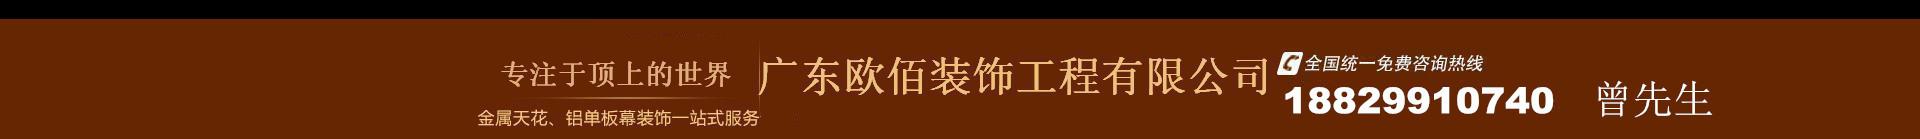 广东欧佰装饰工程有限公司